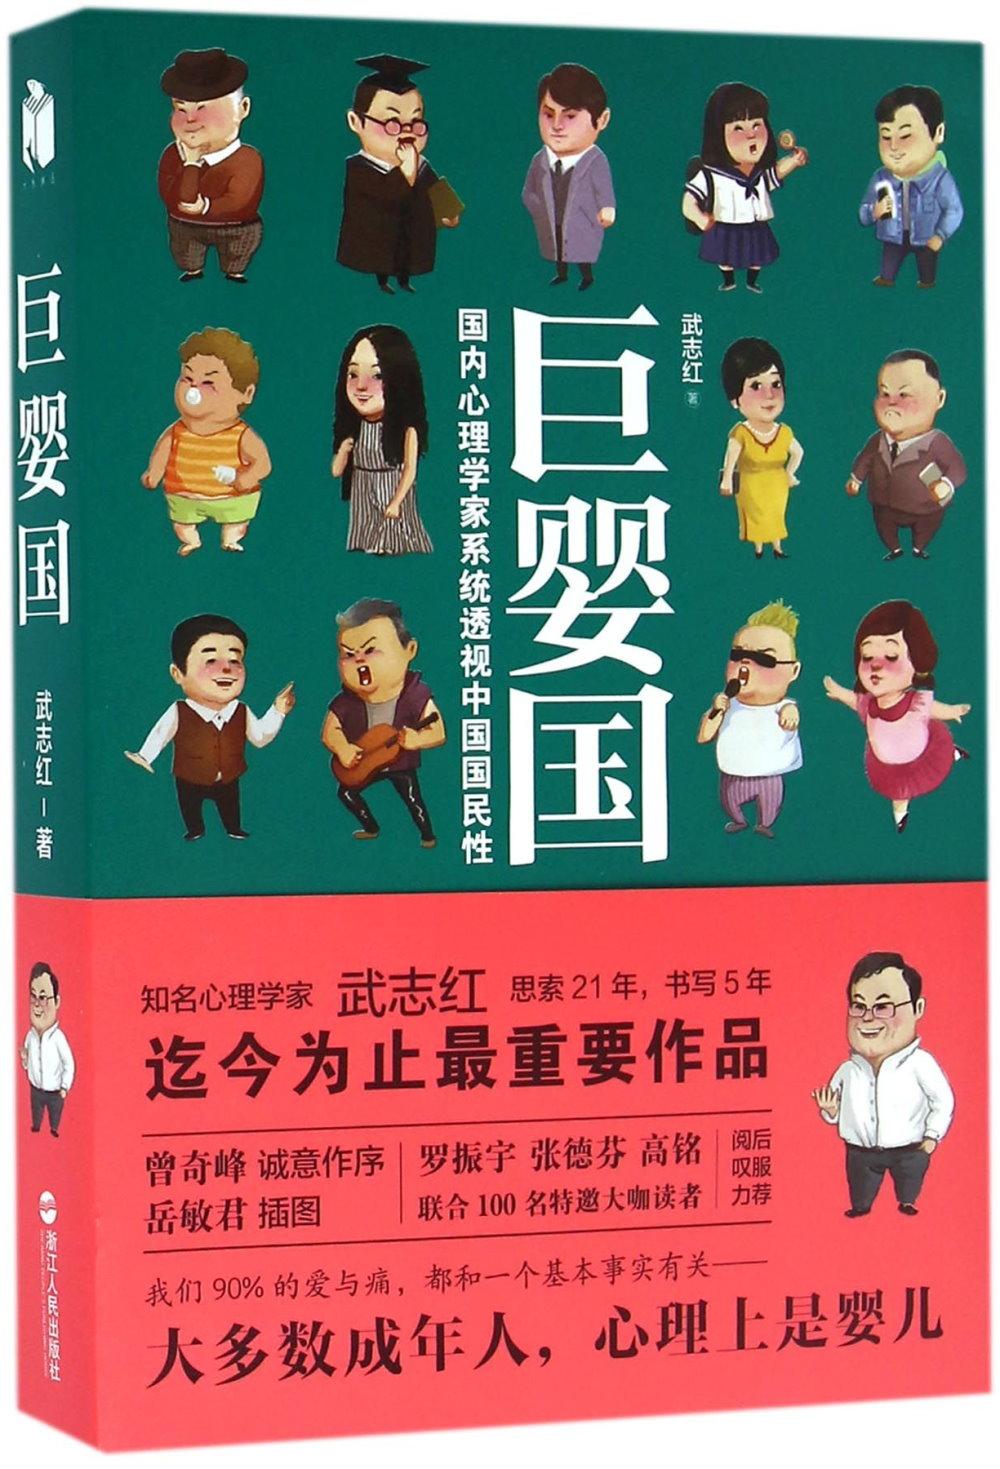 巨嬰國:國內心理學家系統透視中國國民性